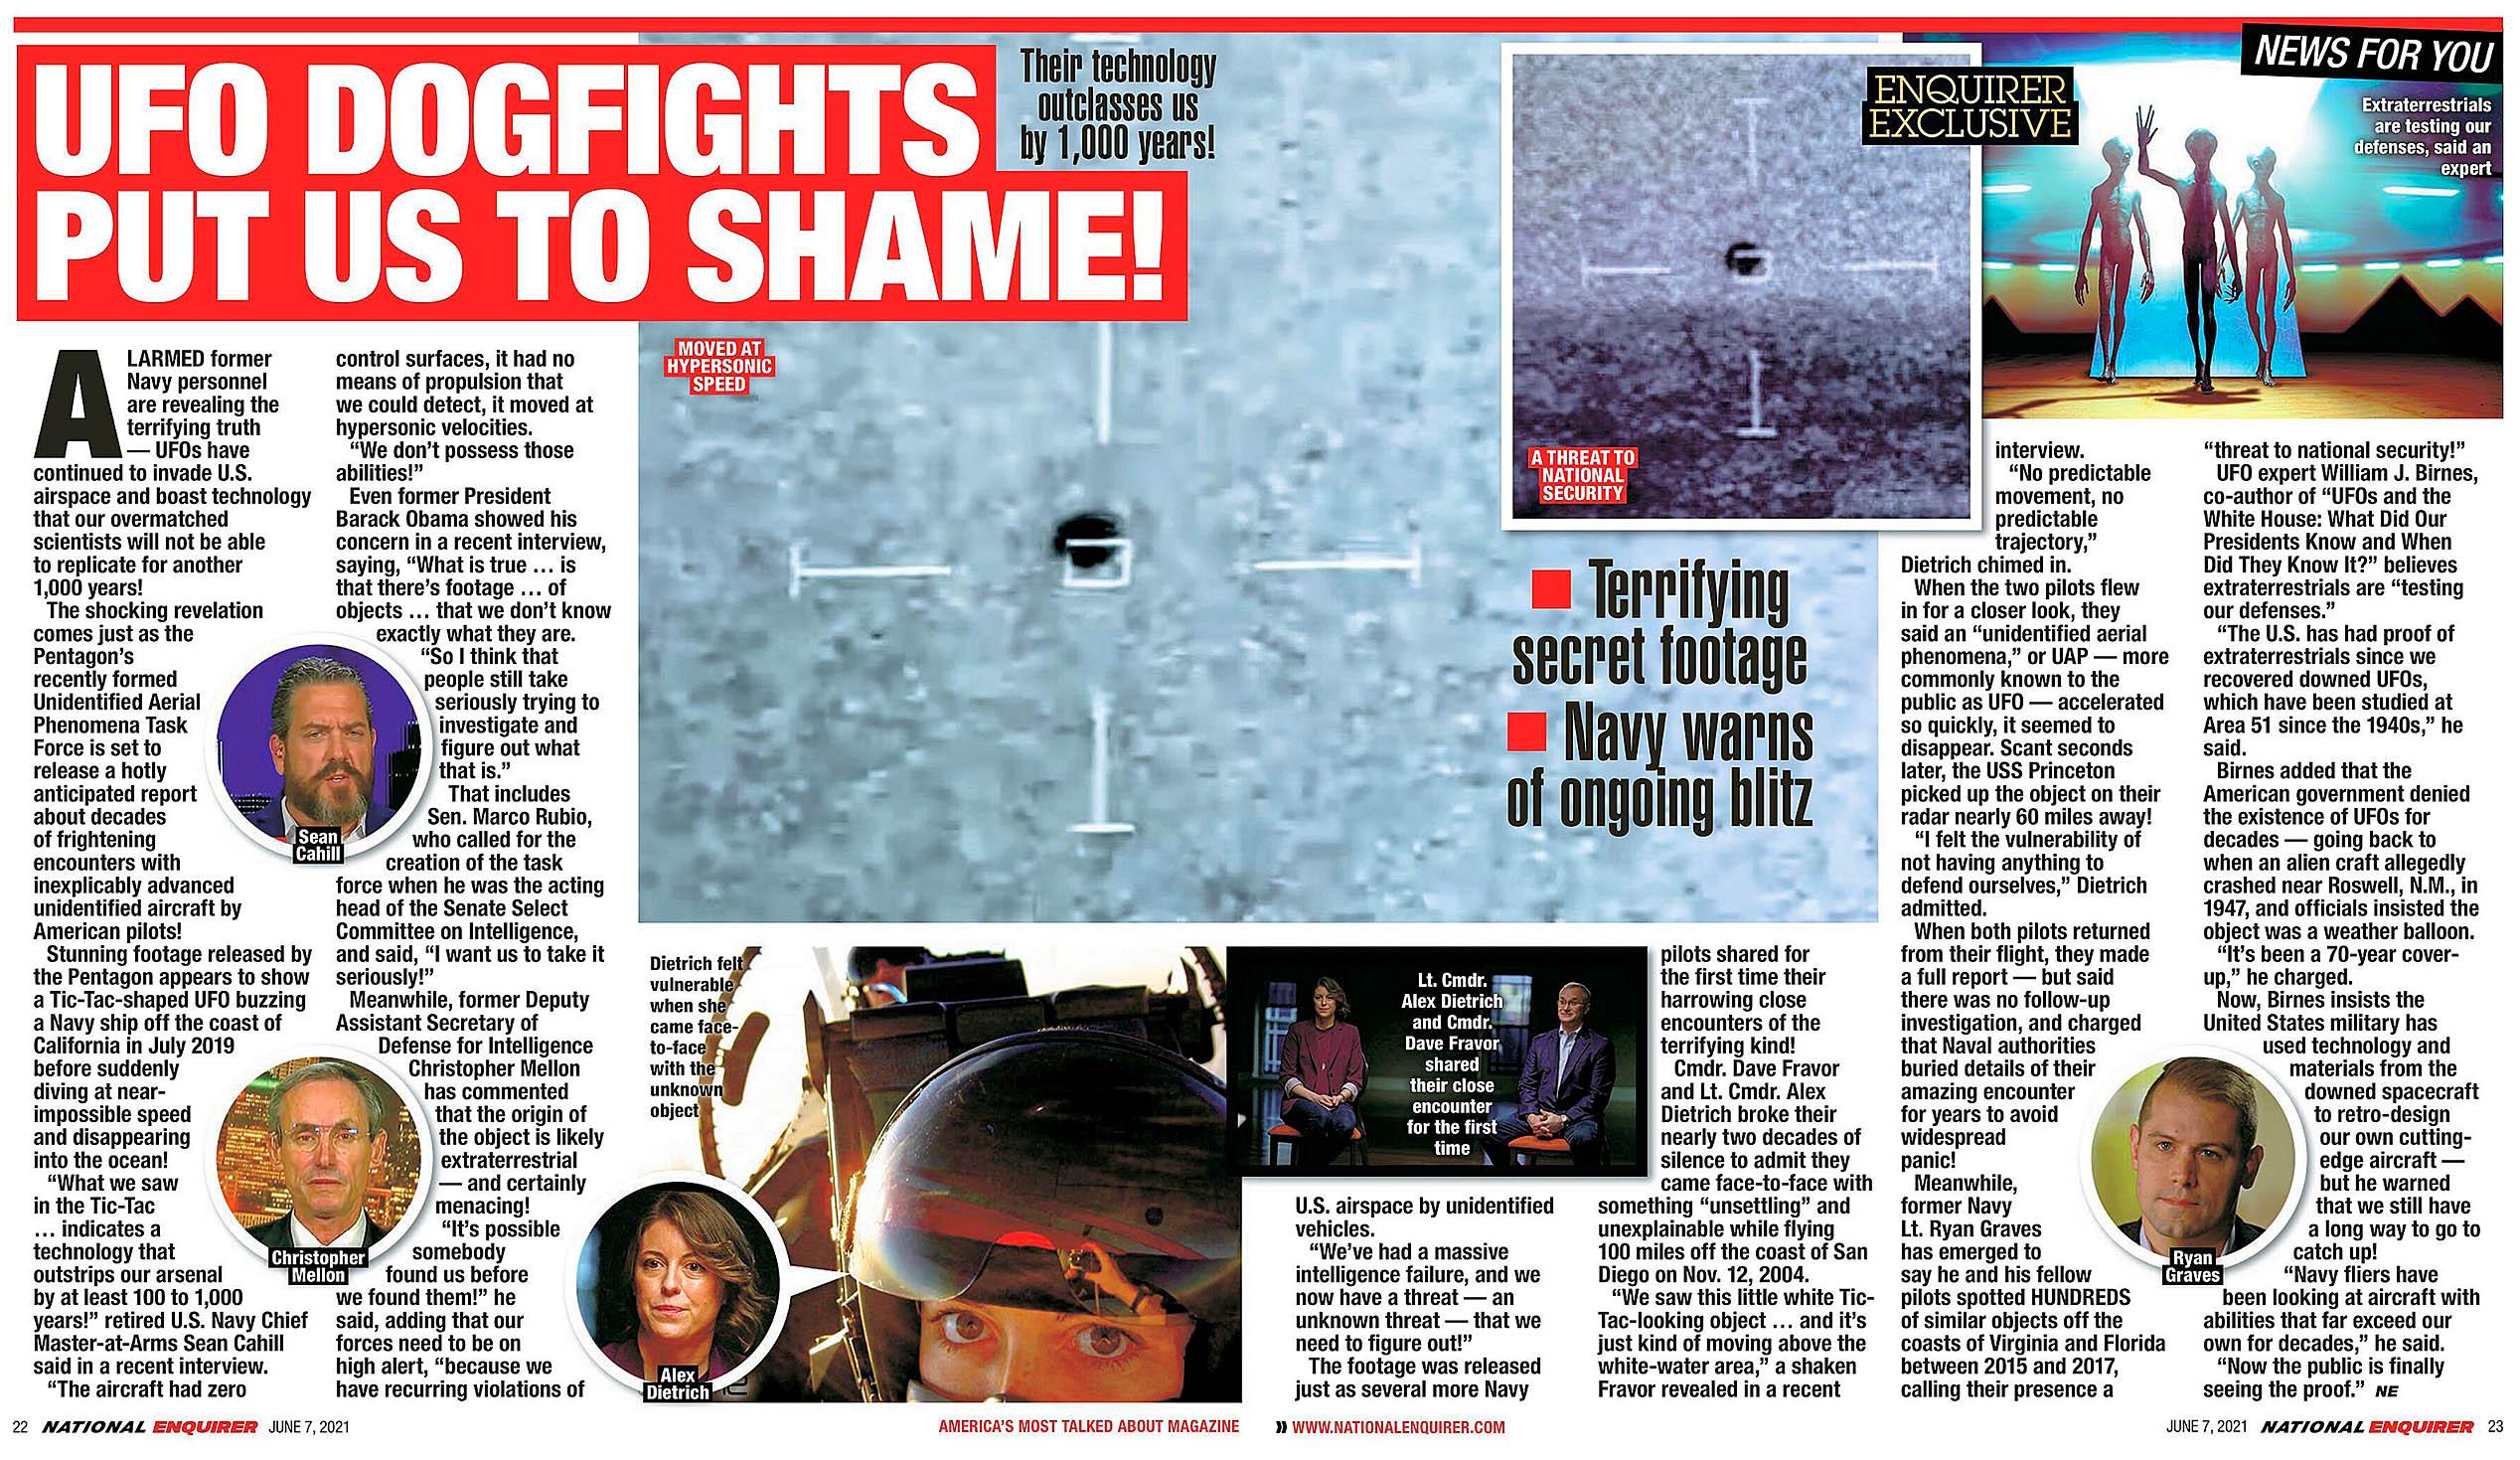 National Enquirer 210607 UFO.jpg